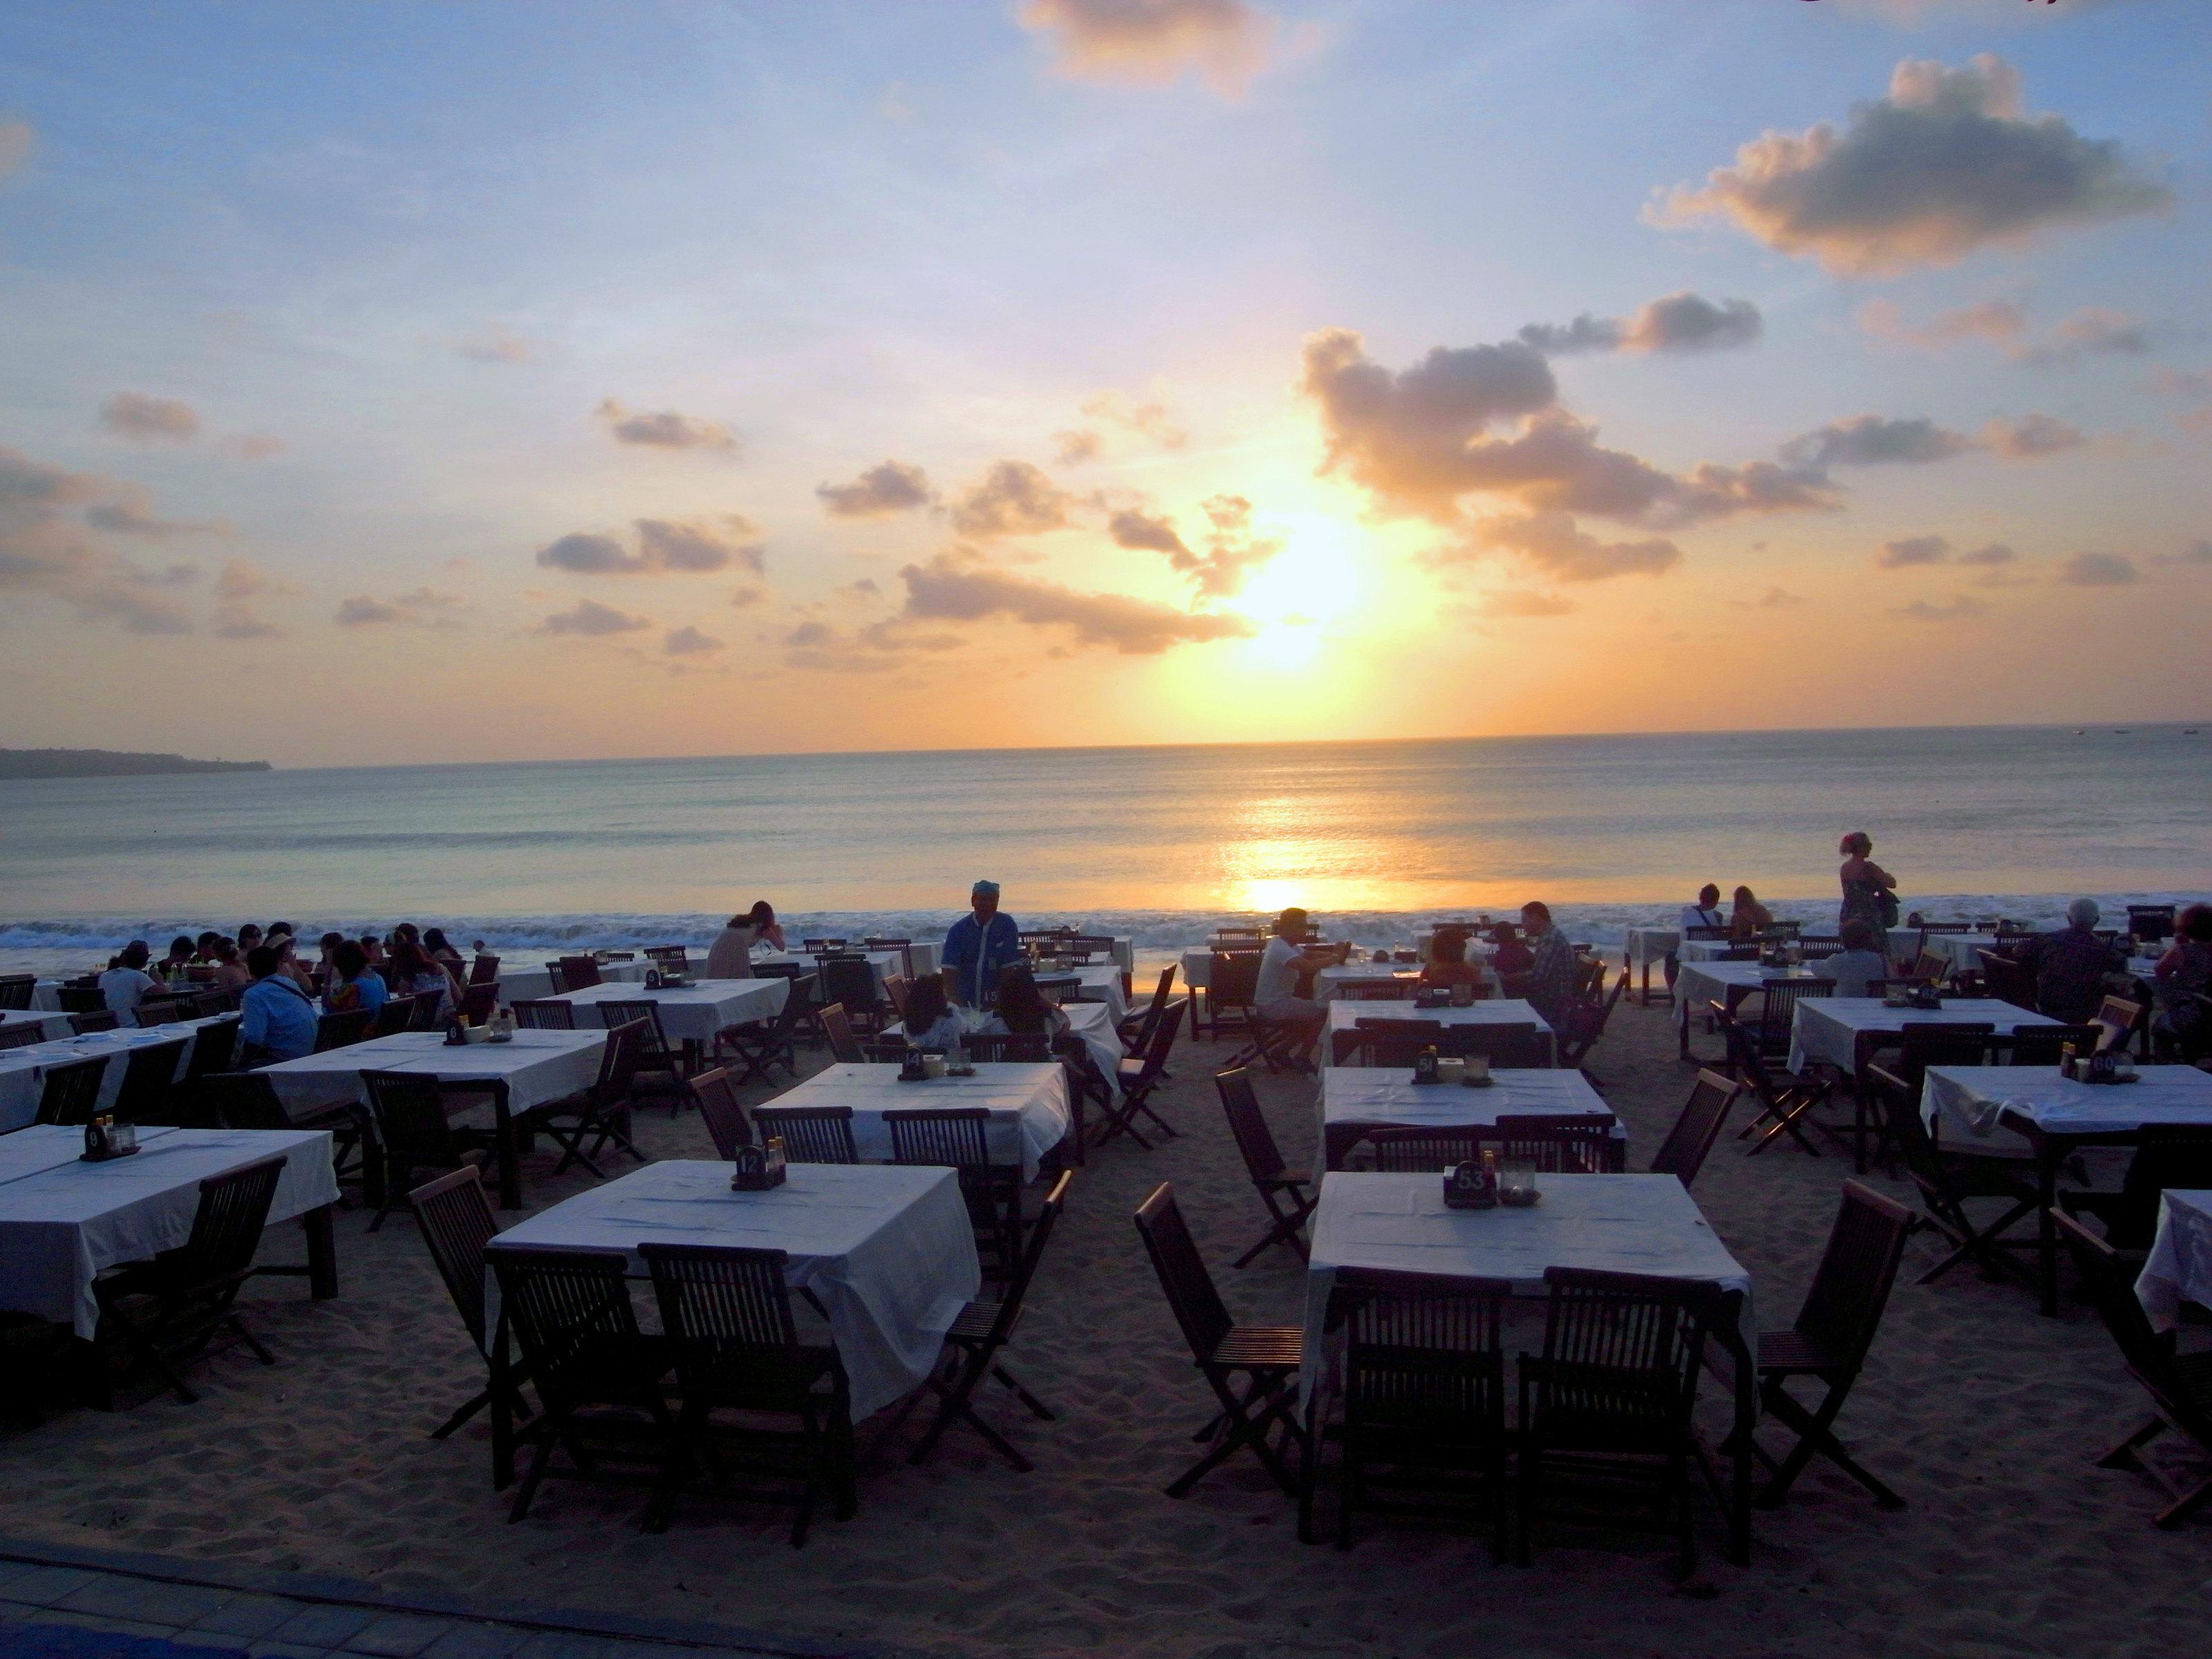 巴厘岛酒店金巴兰海滩【相关词_ 巴厘岛金巴兰海滩】